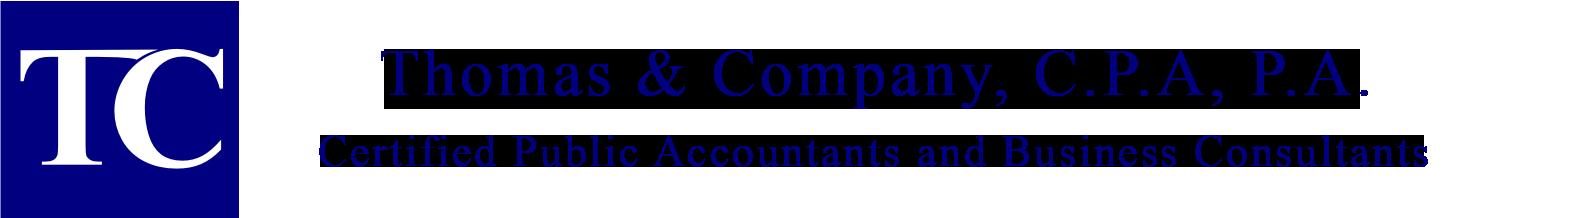 Thomas & Company, C.P.A., P.A.